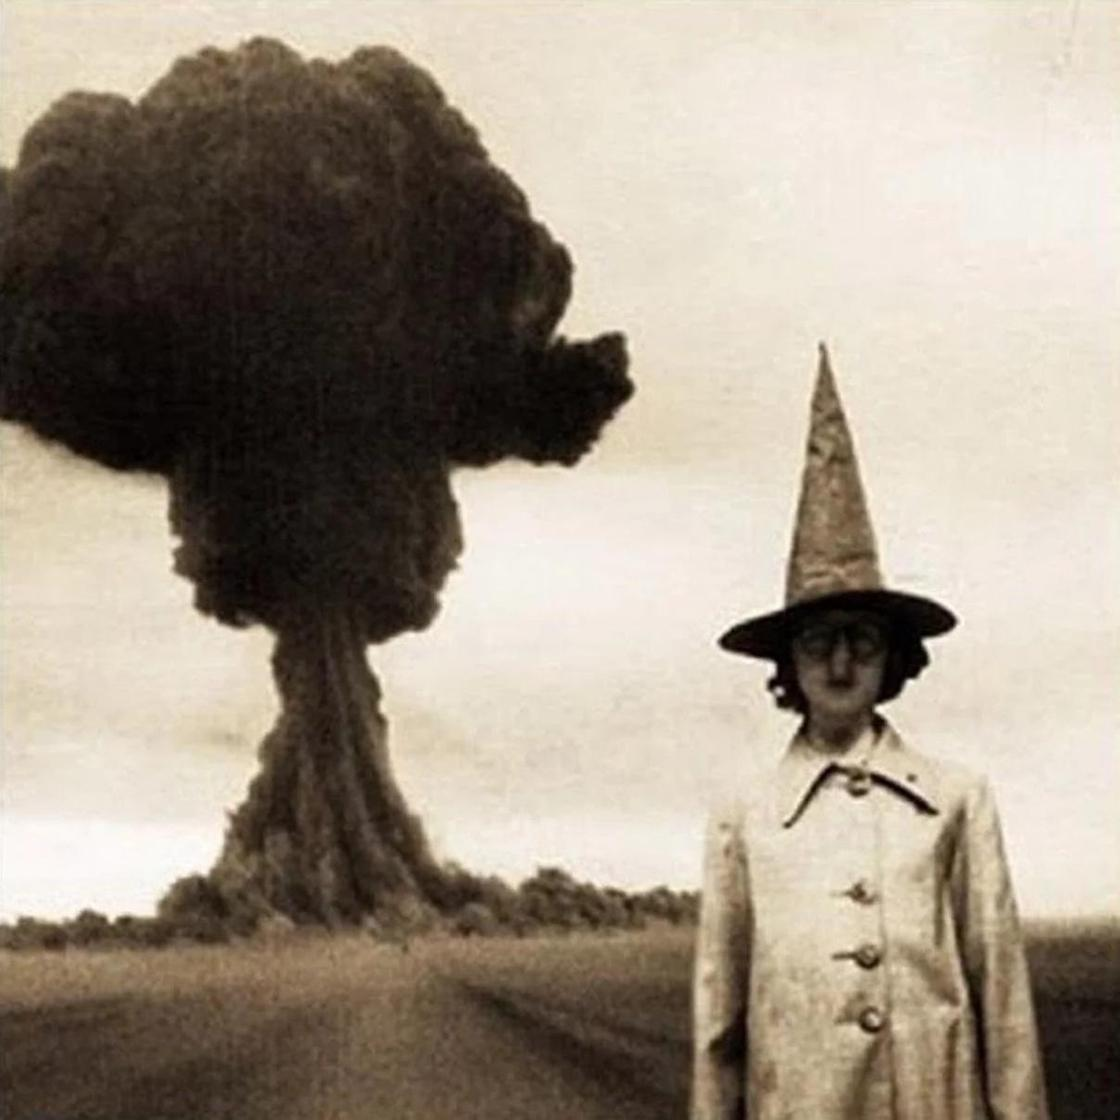 Реальные снимки, которые выглядят как кадры из фильмов ужасов